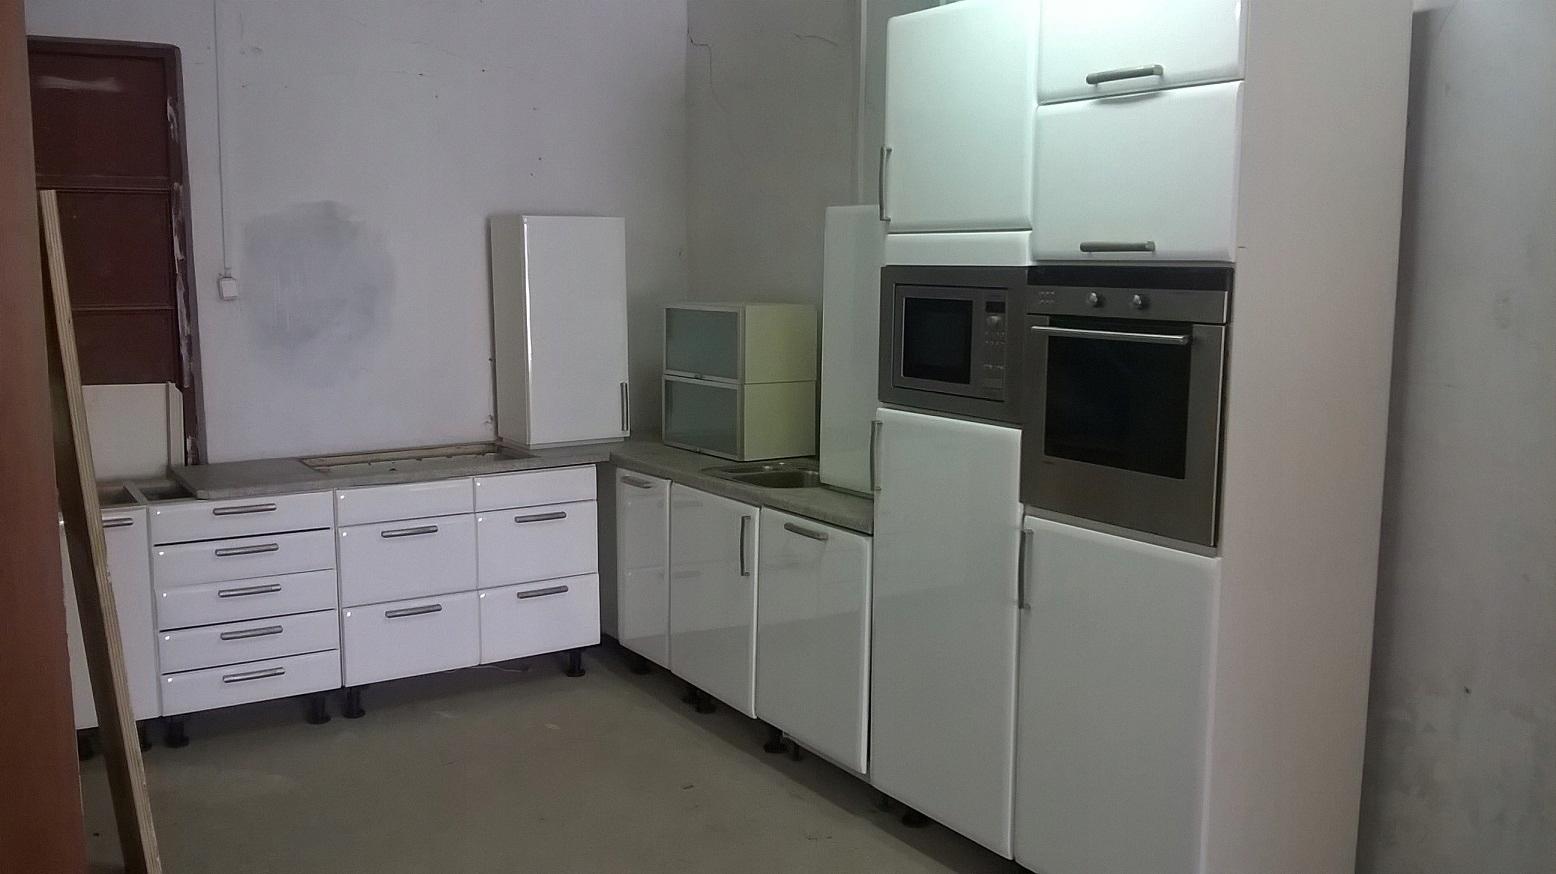 Biała Narożna Kuchnia Wysoki Połysk Agd 7810644812